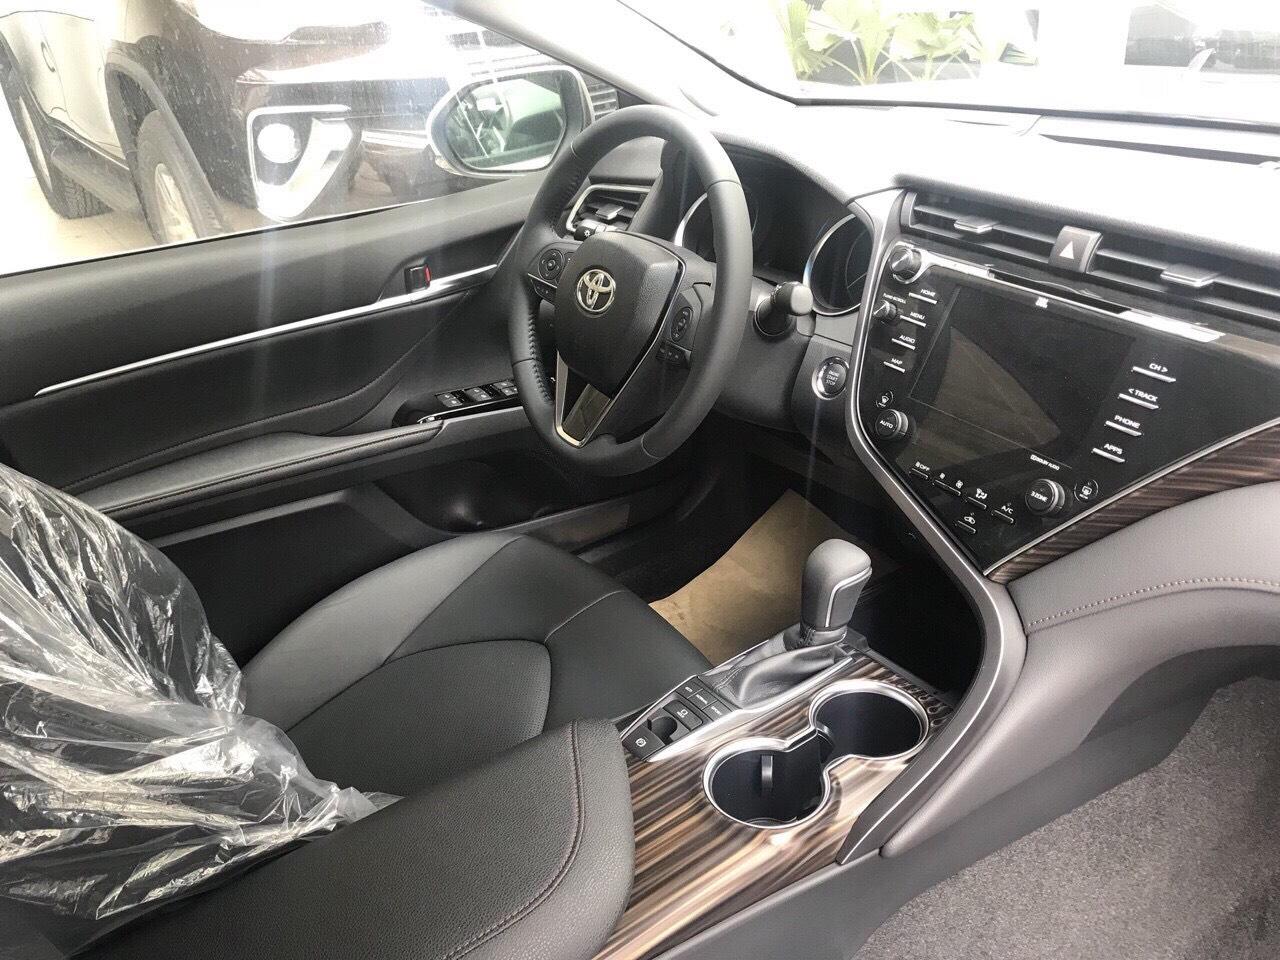 Toyota Camry 2.5Q ảnh 12 - Camry 2.5Q [hienthinam]: giá xe và khuyến mãi tháng [hienthithang]